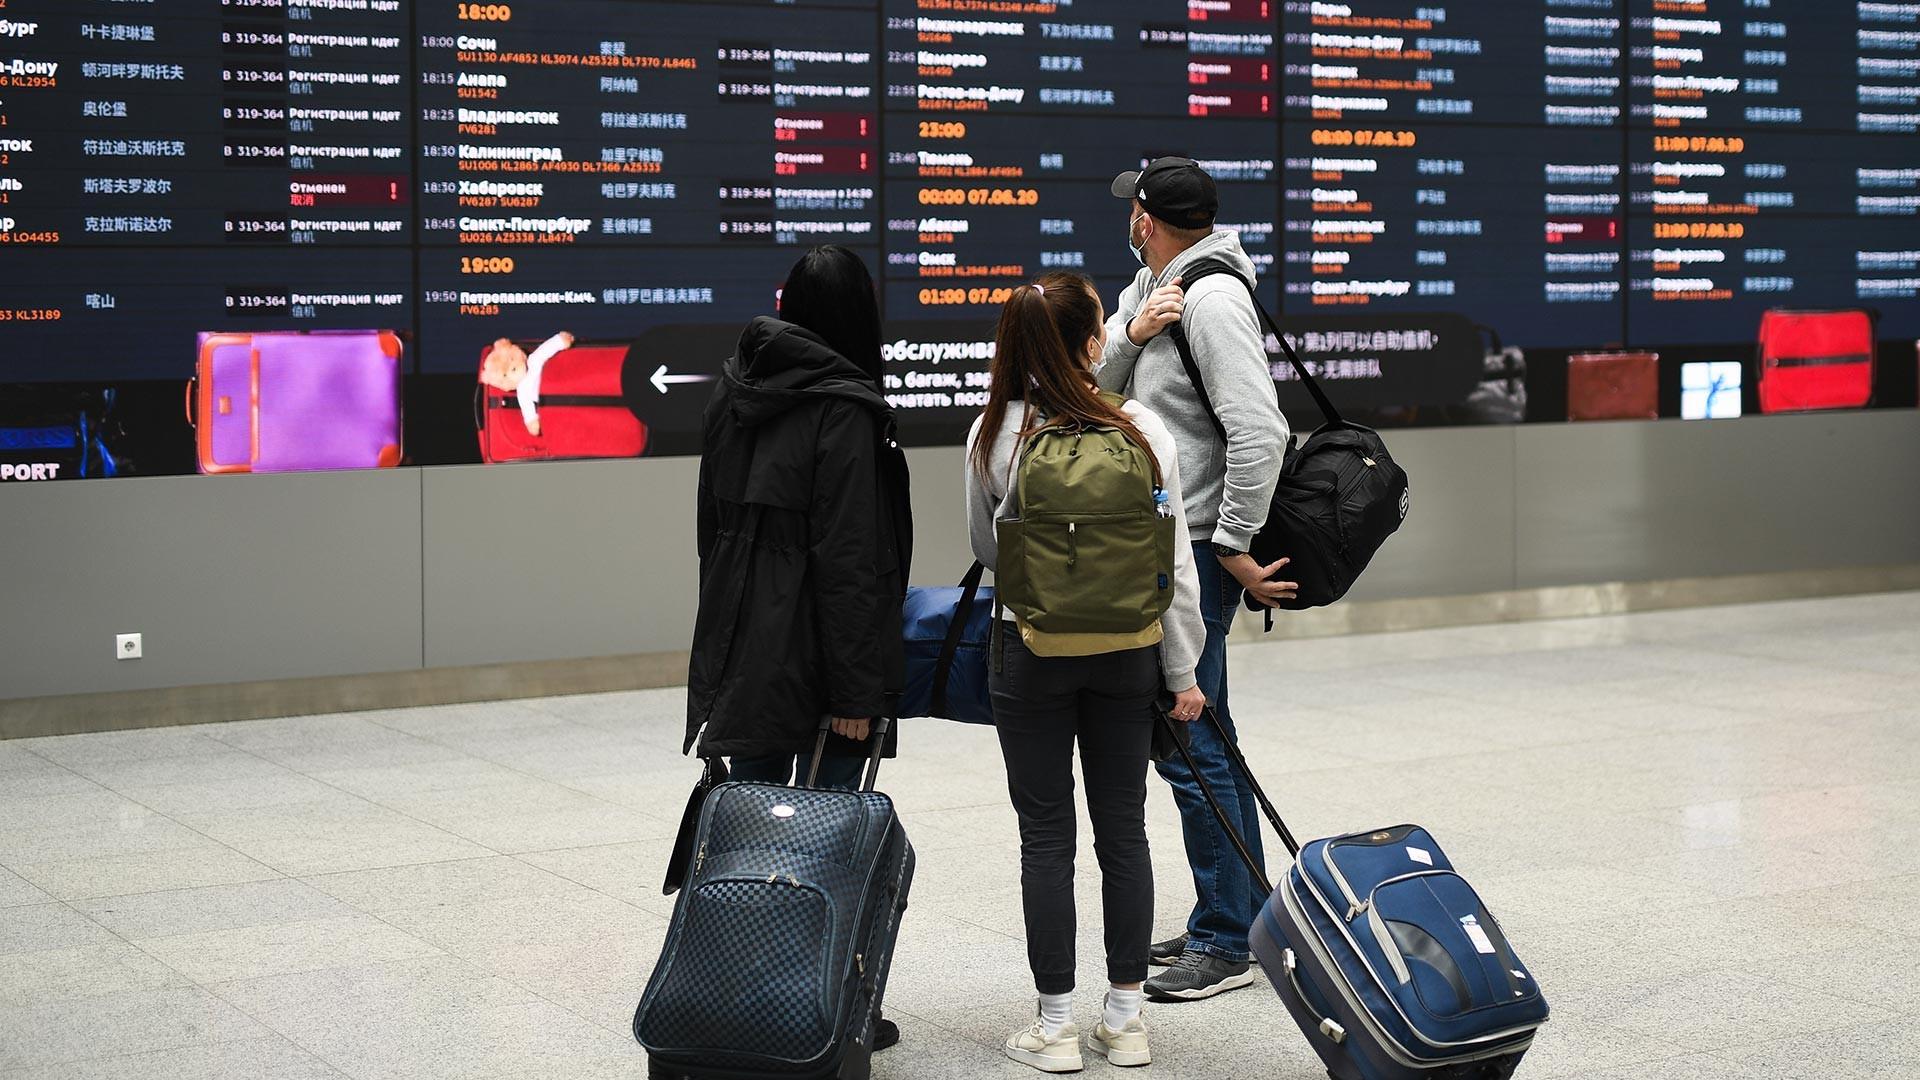 À l'aéroport moscovite de Cheremetievo